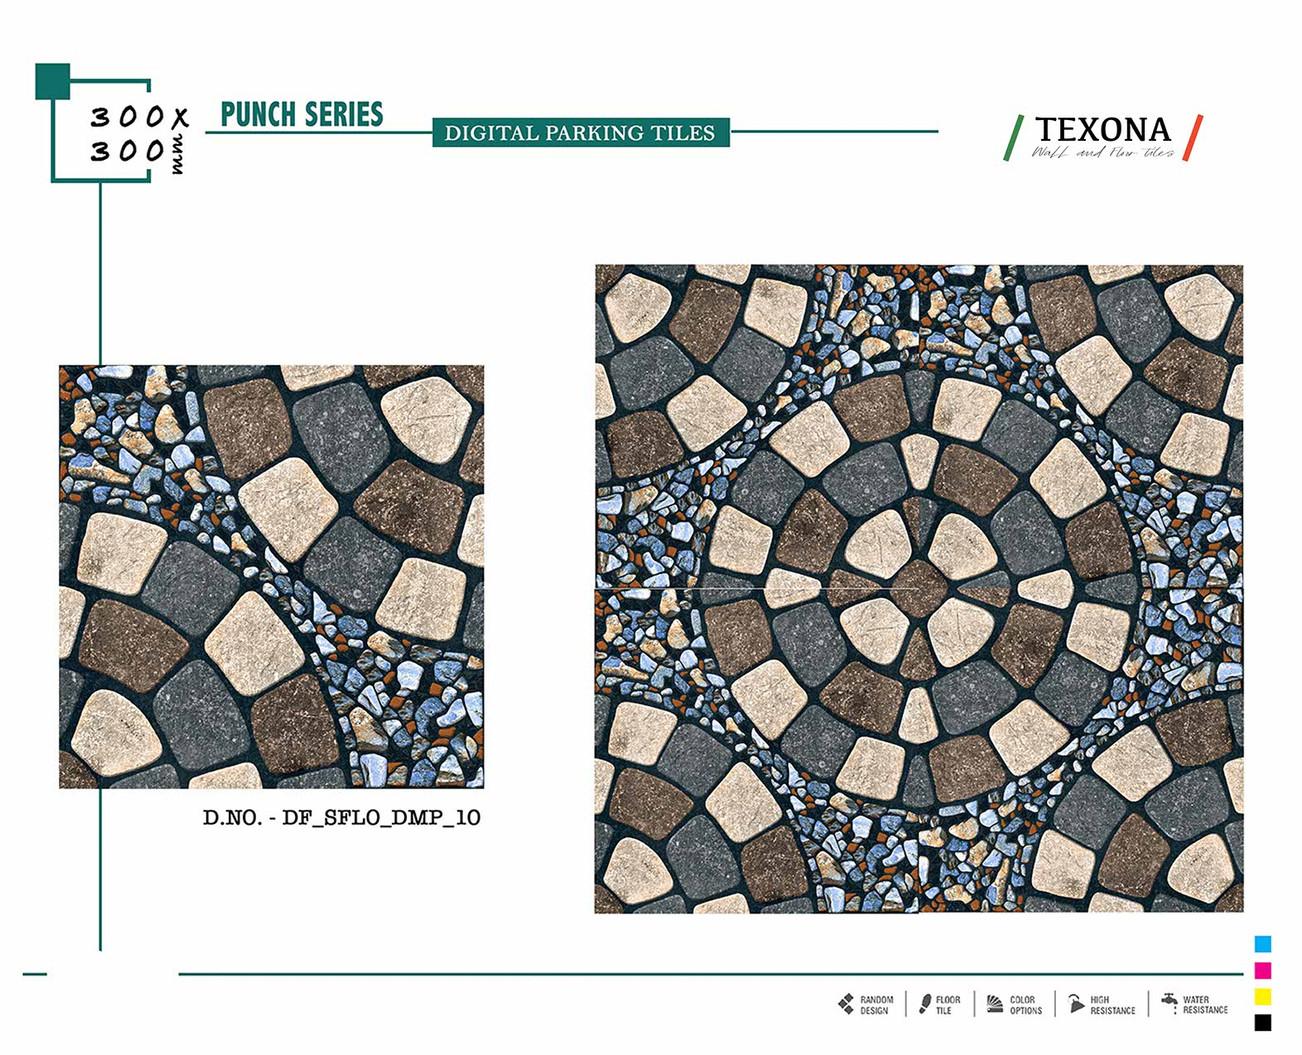 12X12 PARKING VOL.3_Page_20_Image_0001.j